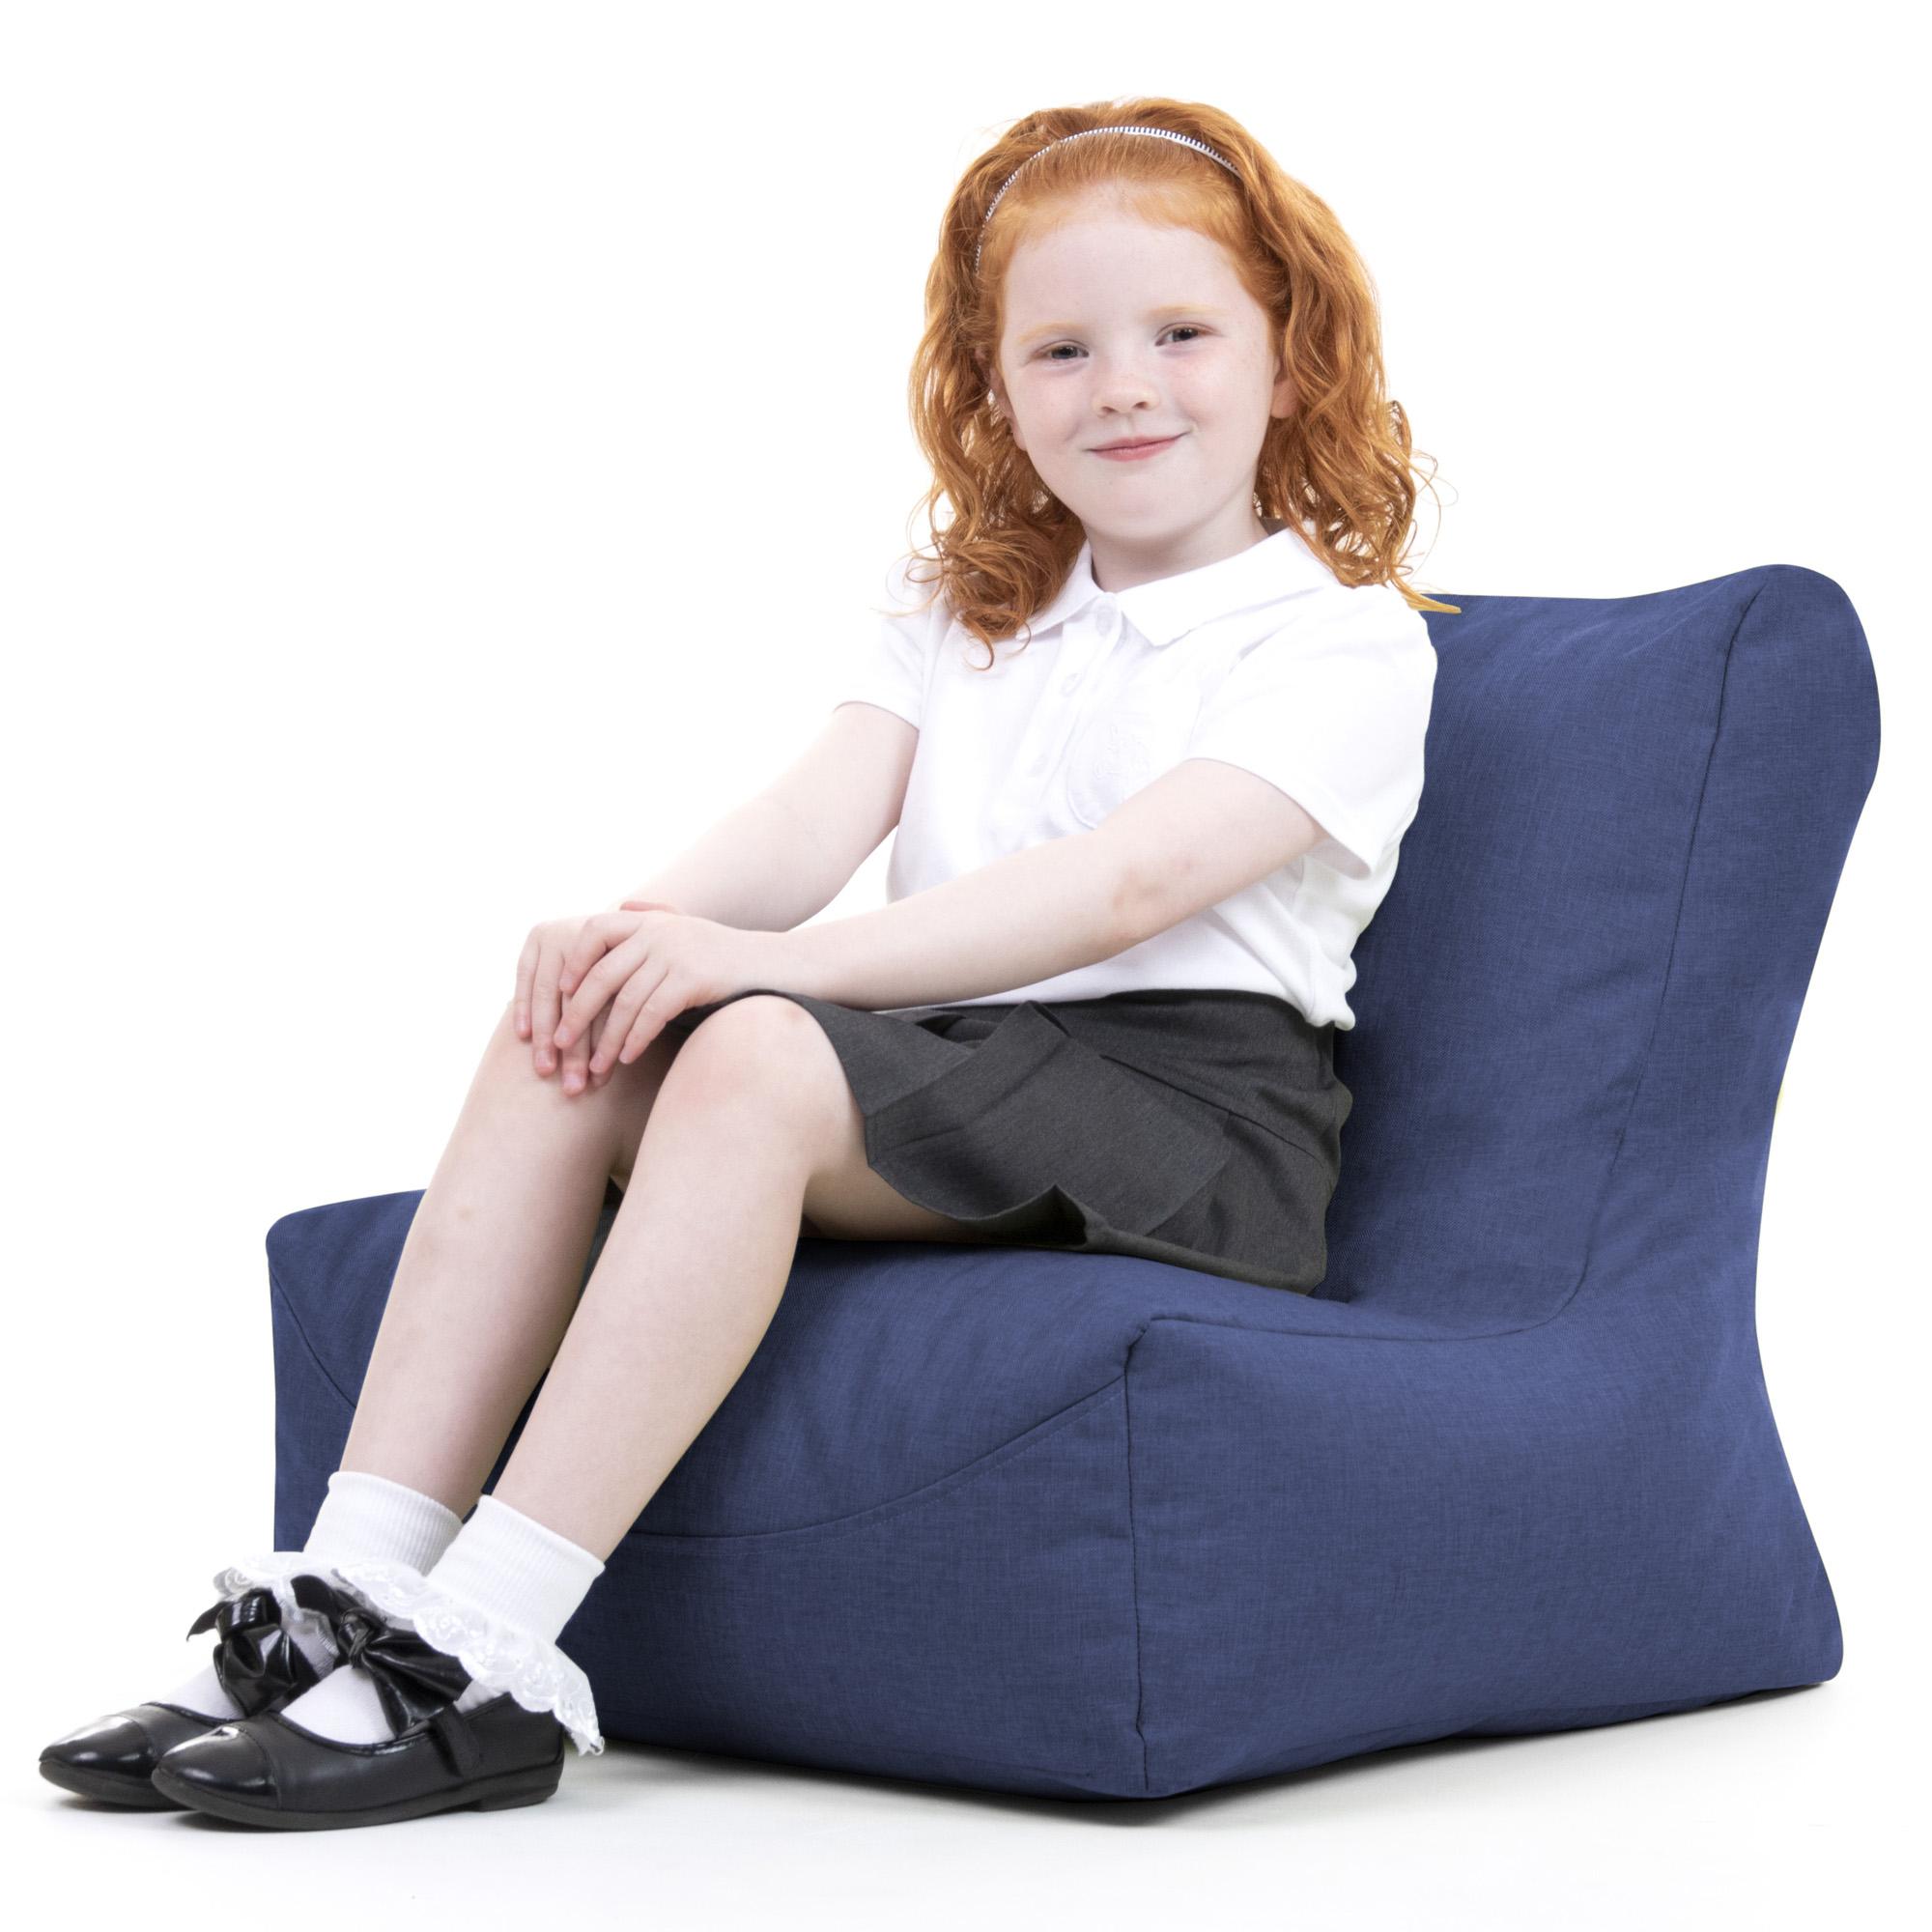 Eden-PRI-Smile-Chair-Navy-4-300dpi